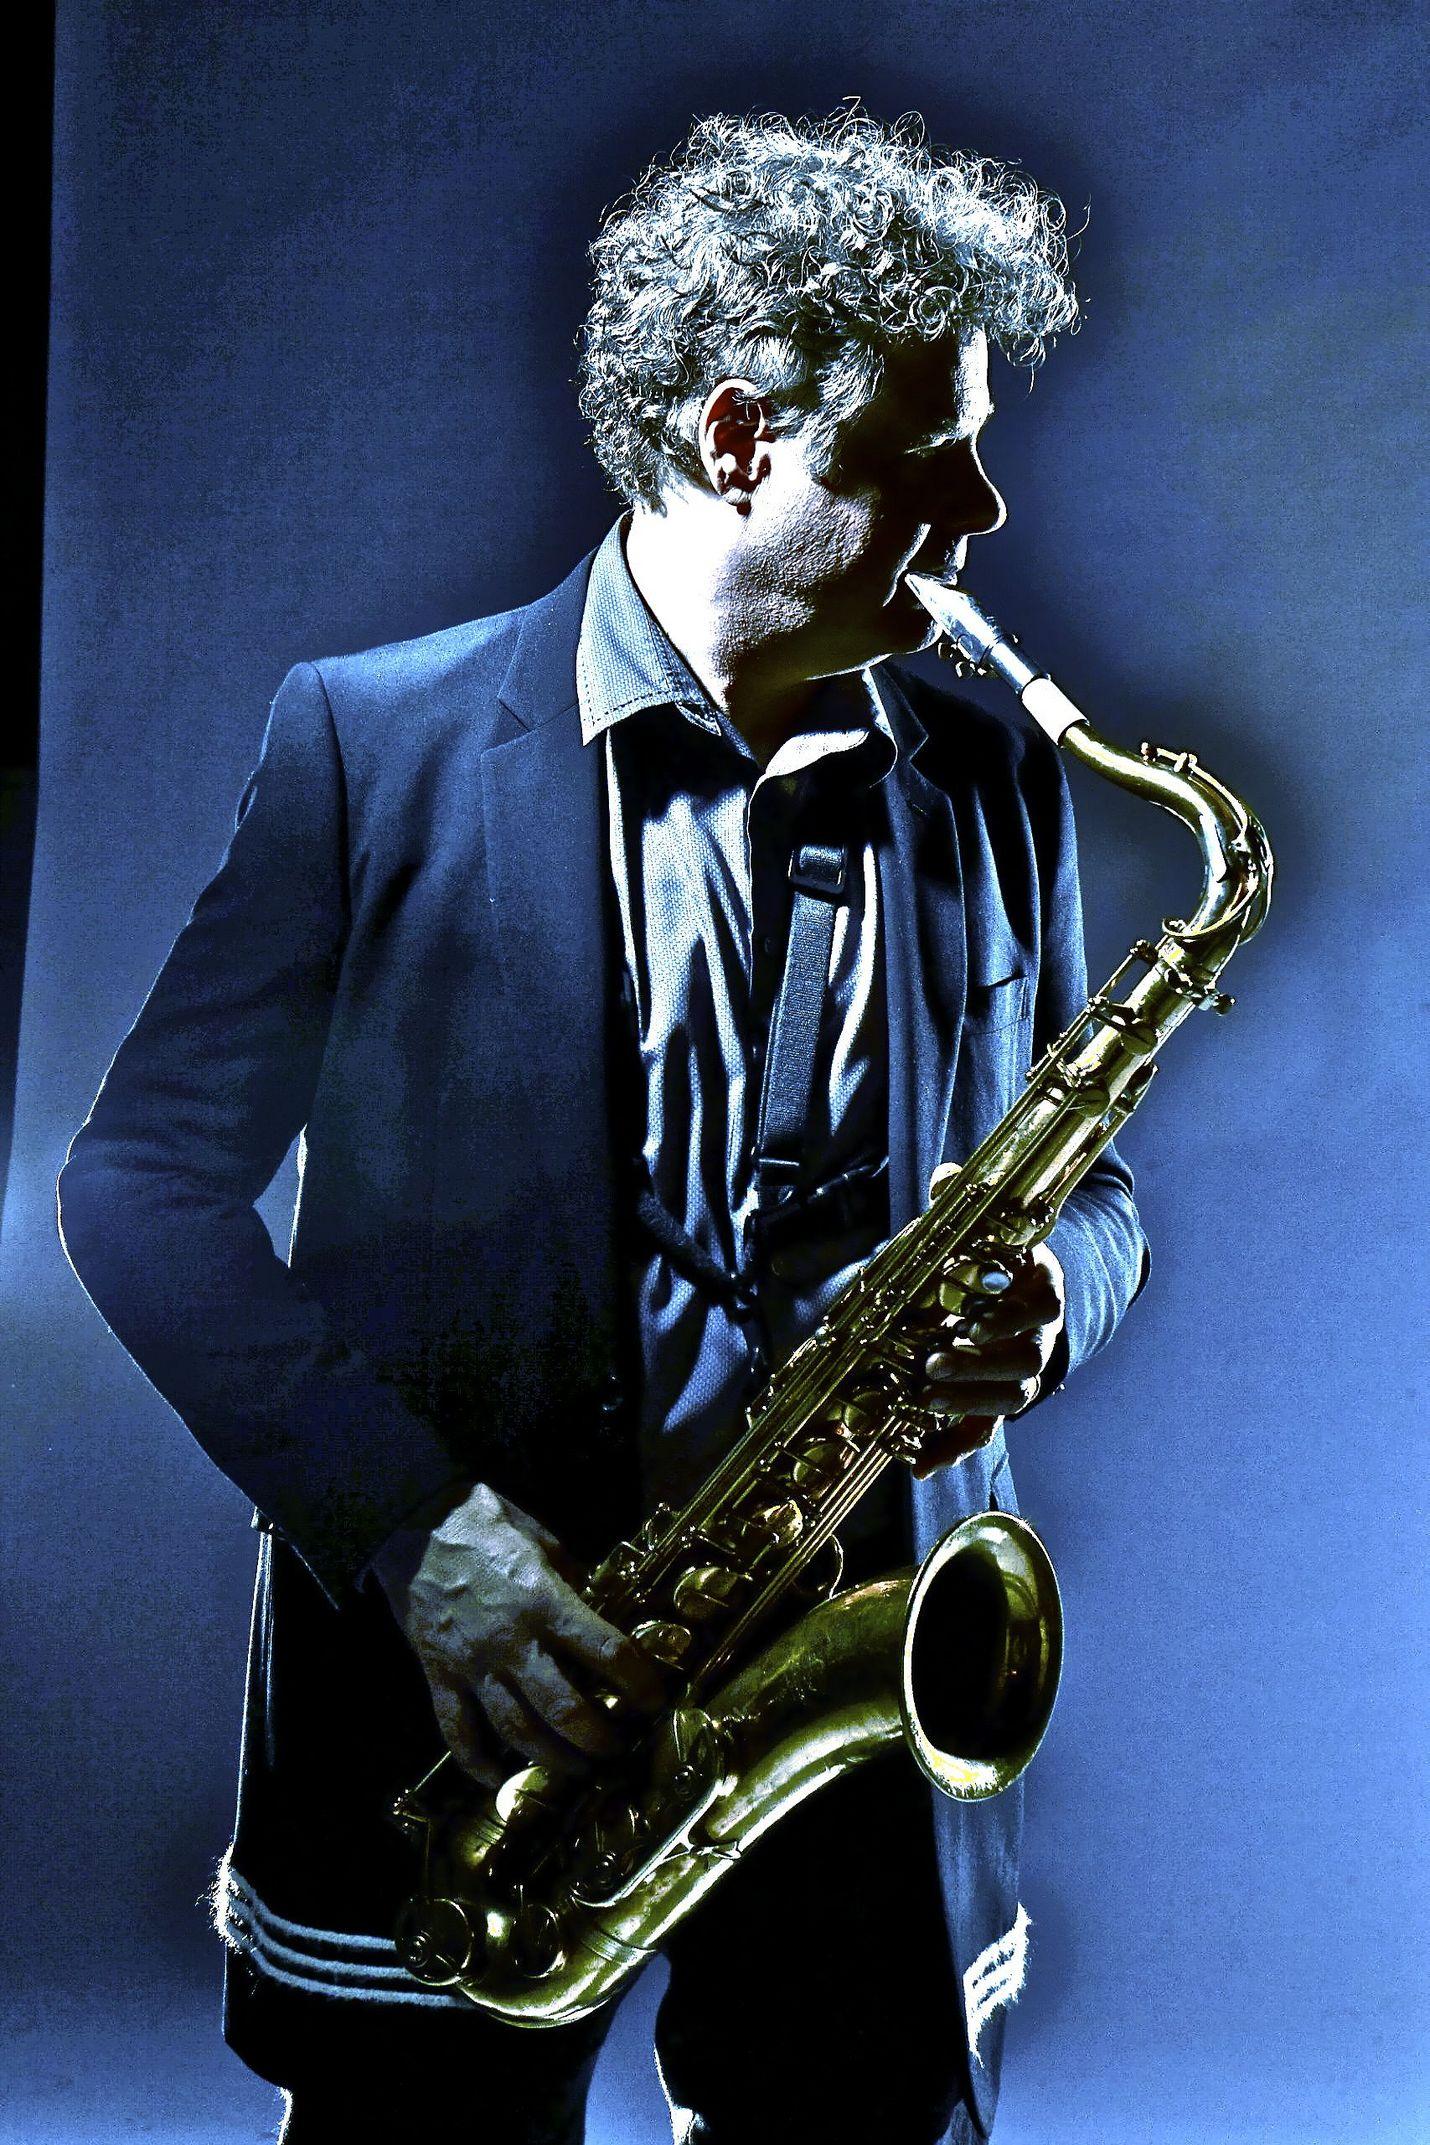 Jazzsaksofonisti Lenny Pickett avaa Crusell-viikon ensi lauantaina.